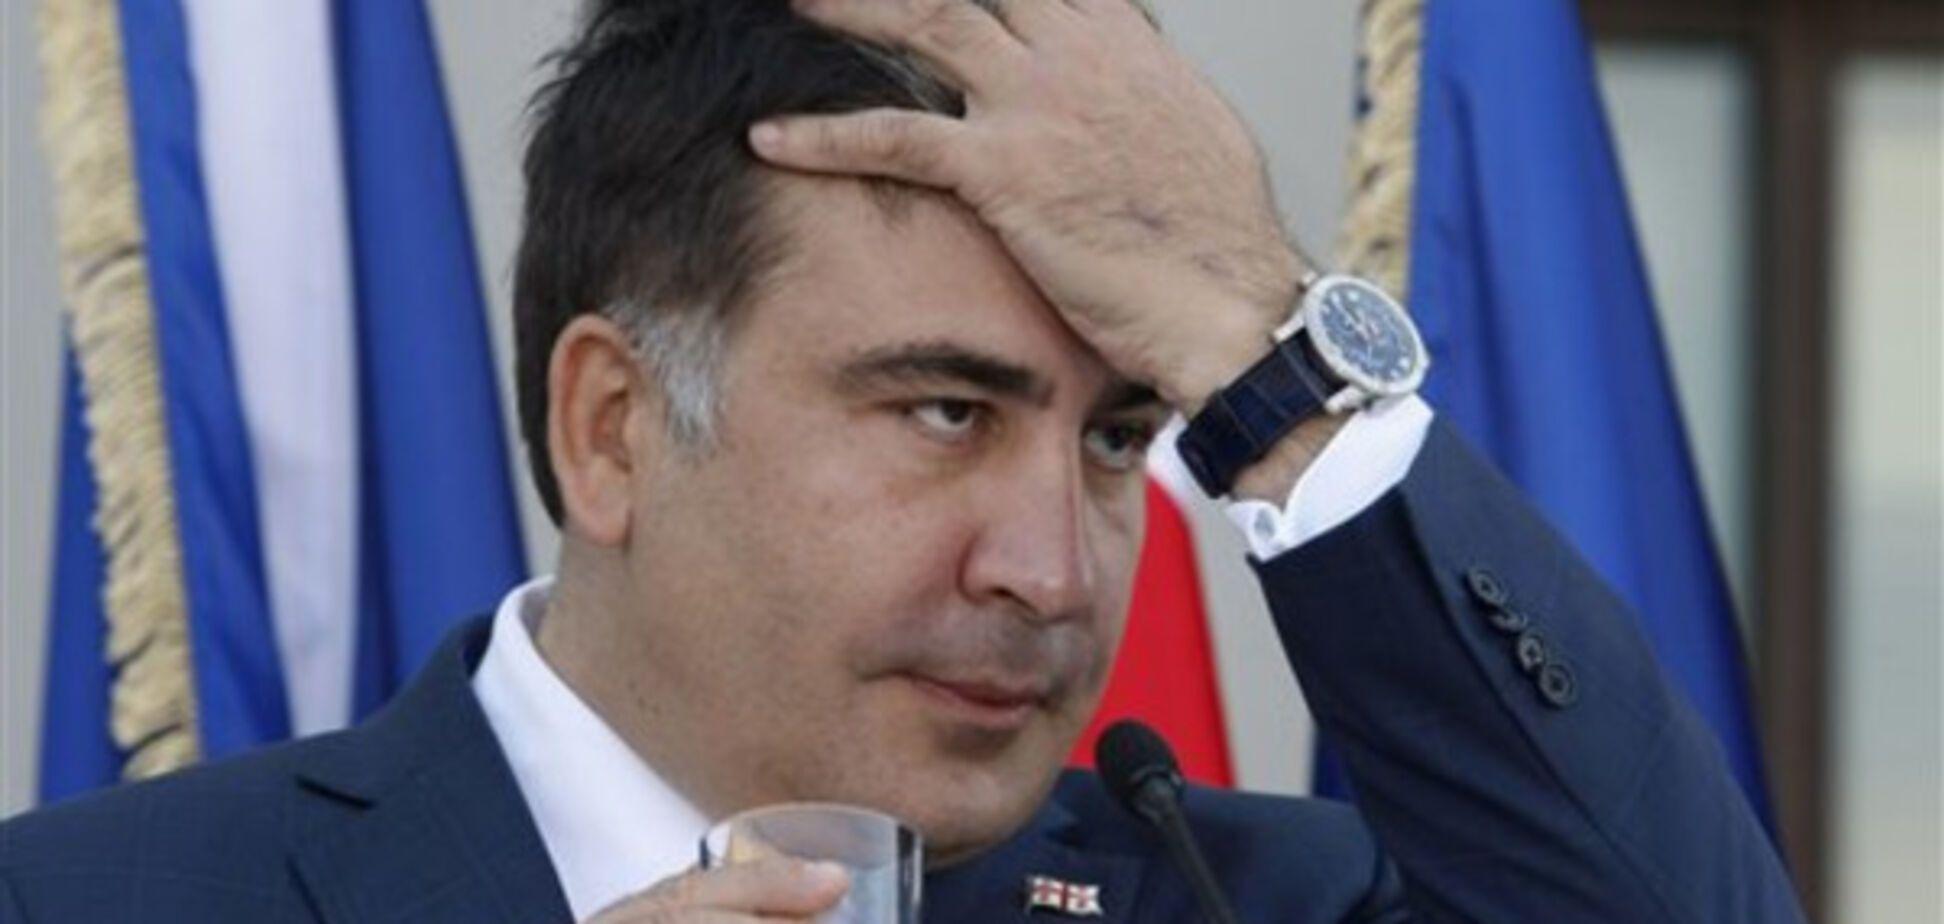 Михеил Саакашвили - 'реформатор', кат с веником или уголовник